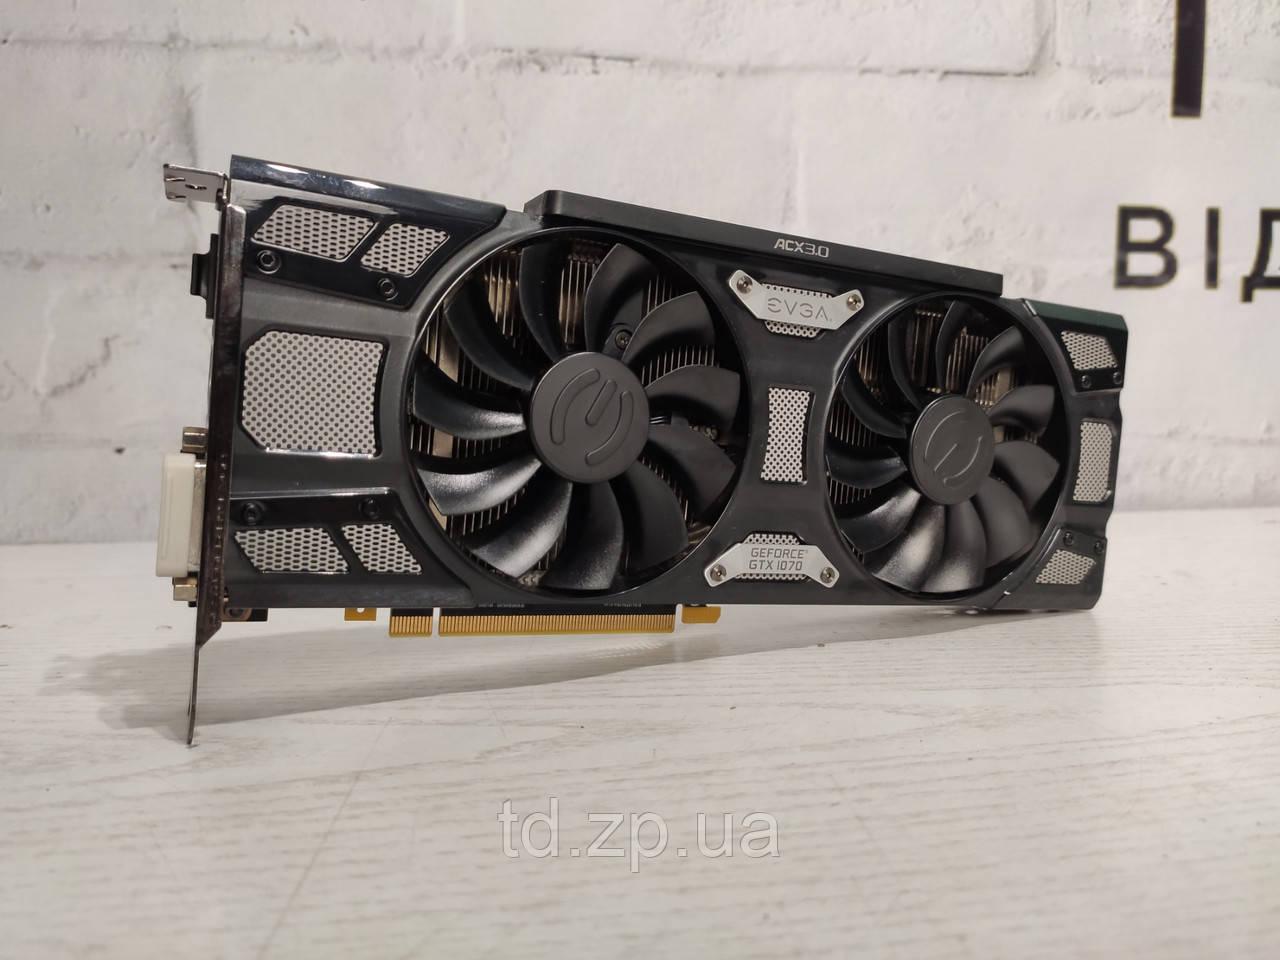 Видеокарта EVGA GeForce GTX 1070 SC GAMING